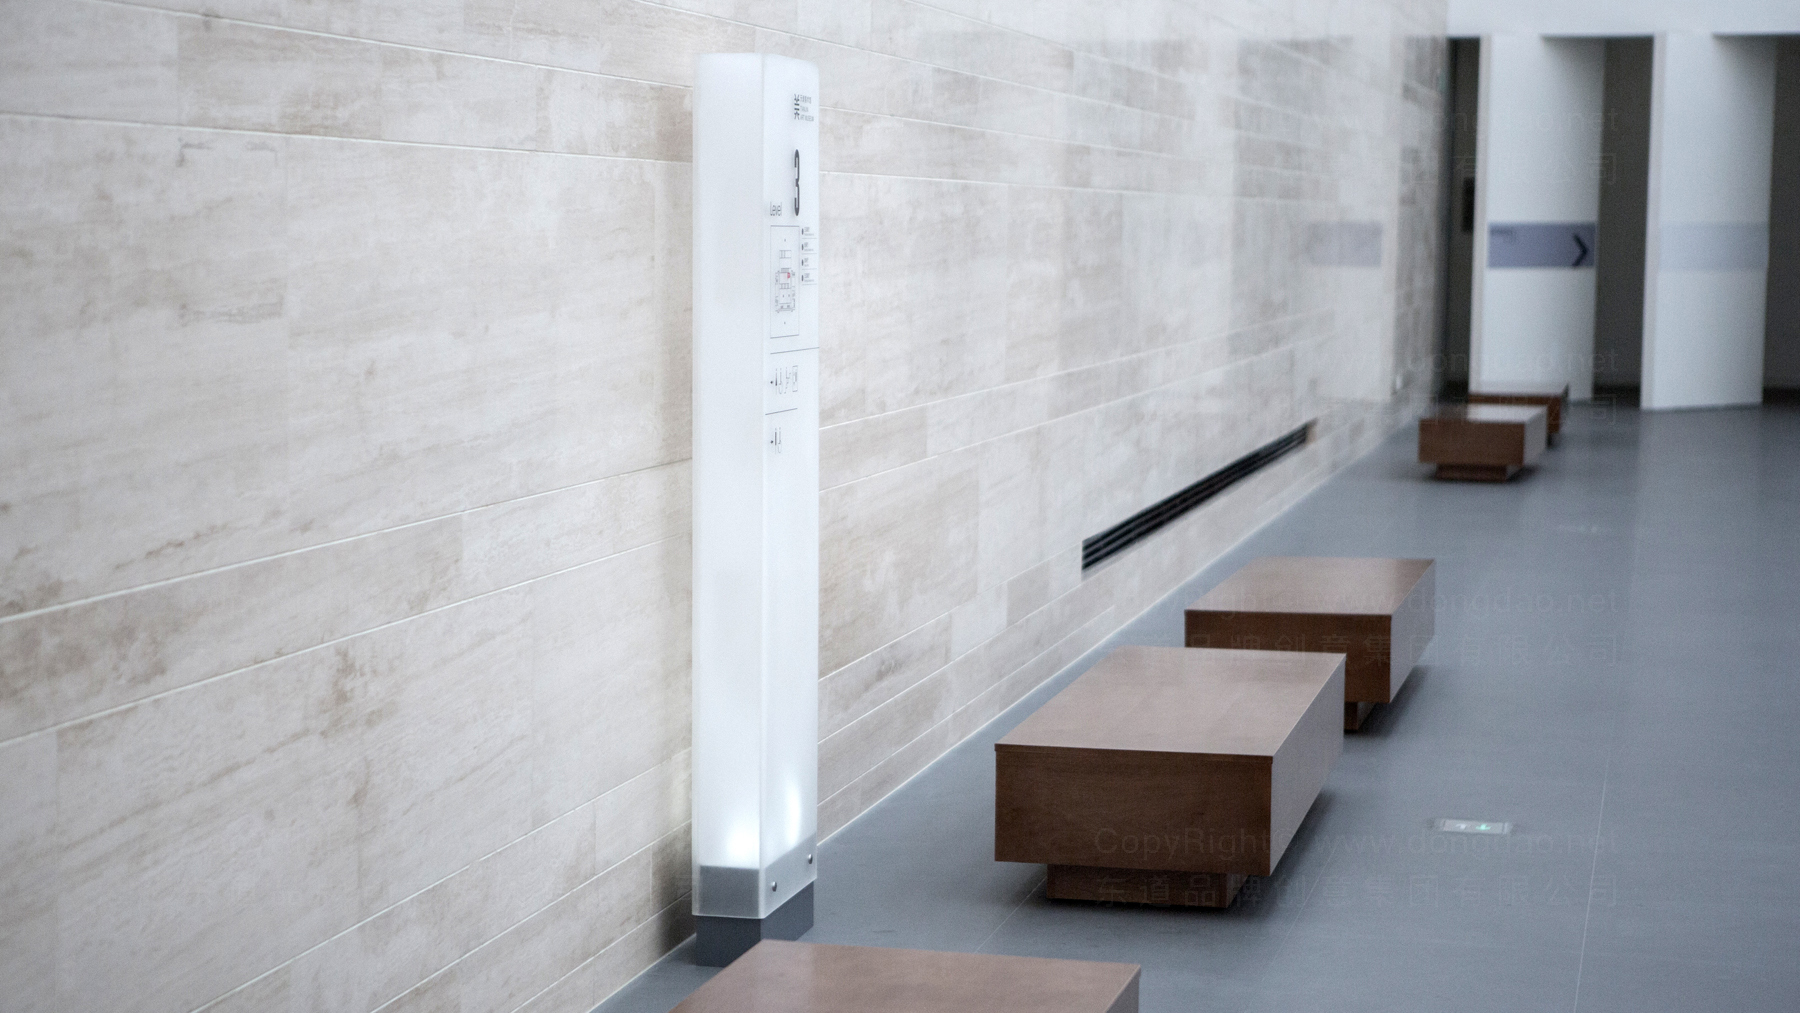 落地工程天津美术馆展览展示空间制作应用场景_5